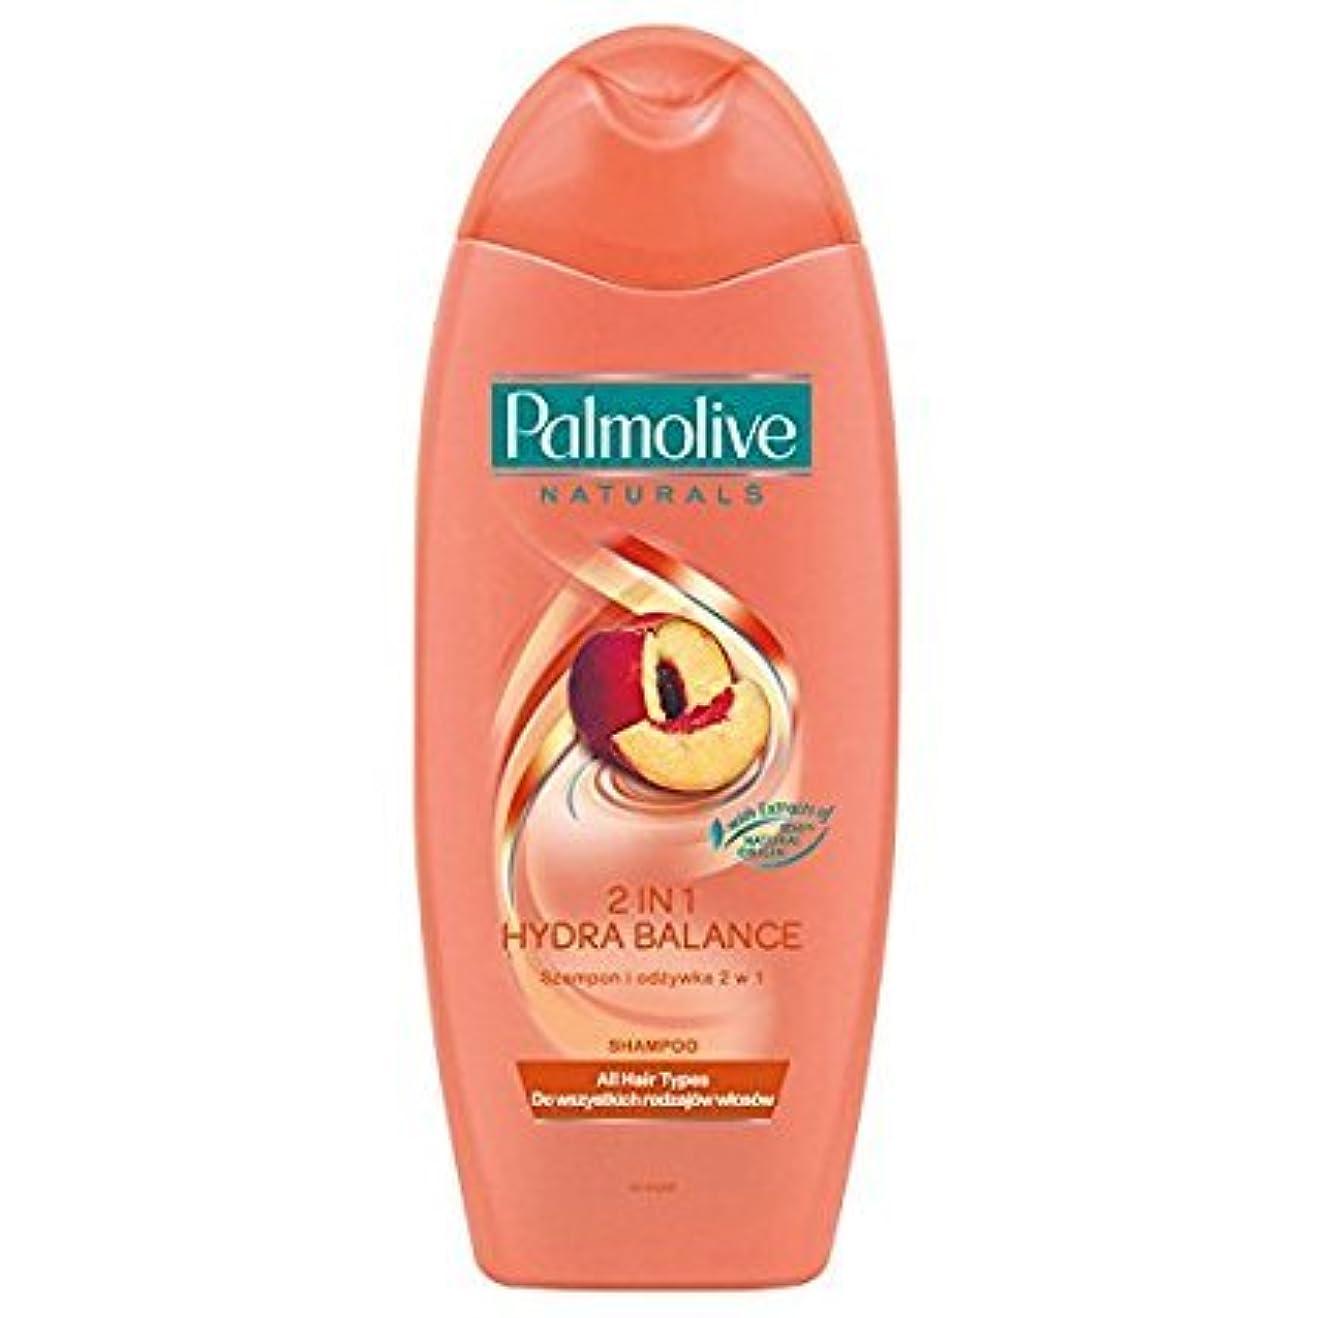 補助金アウトドア長くするPalmolive Naturals Shampoo & Conditioner パルモティブシャンプーWコンディショナー ハイドロバランス 350ml [並行輸入品]